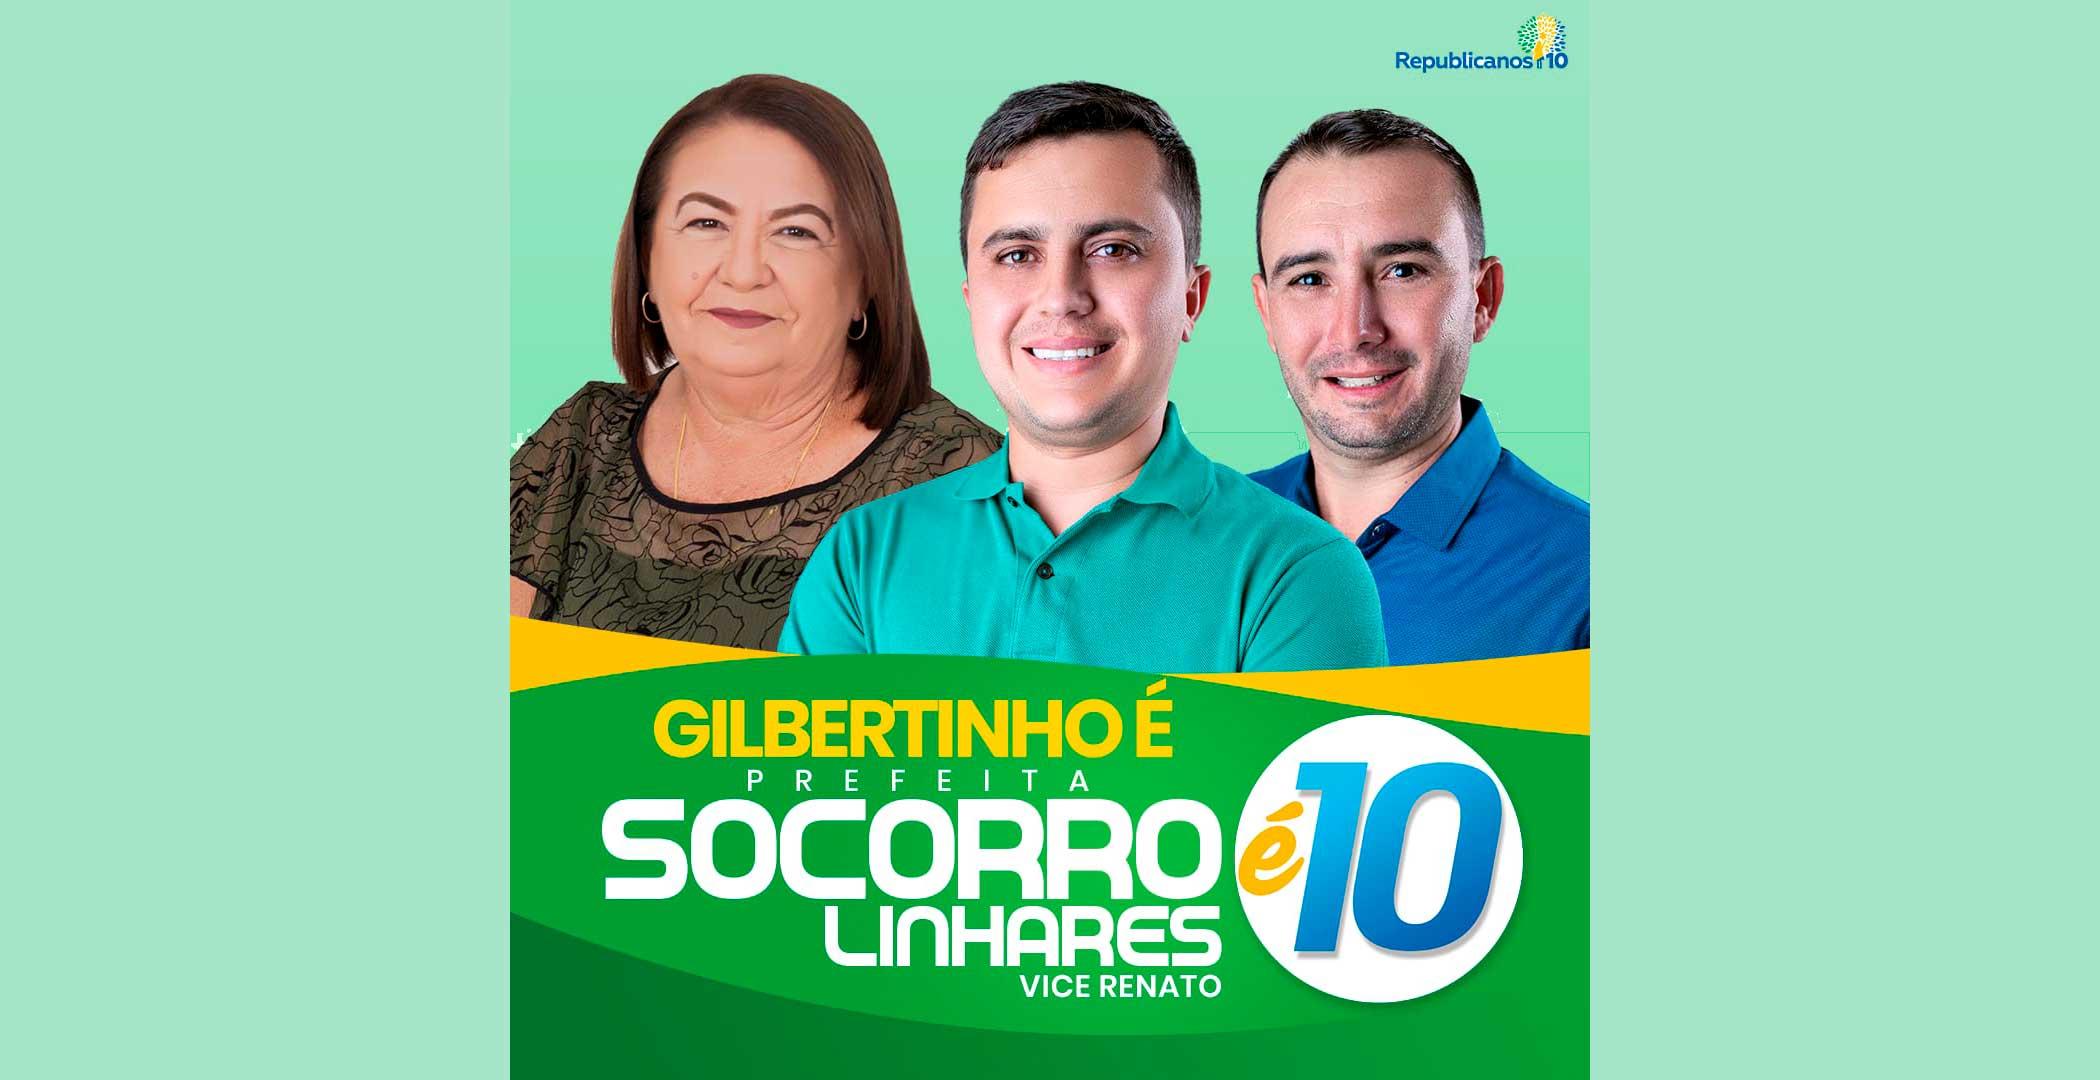 Gilbertinho renuncia candidatura em Lagoa e anuncia sua tia como nova substituta